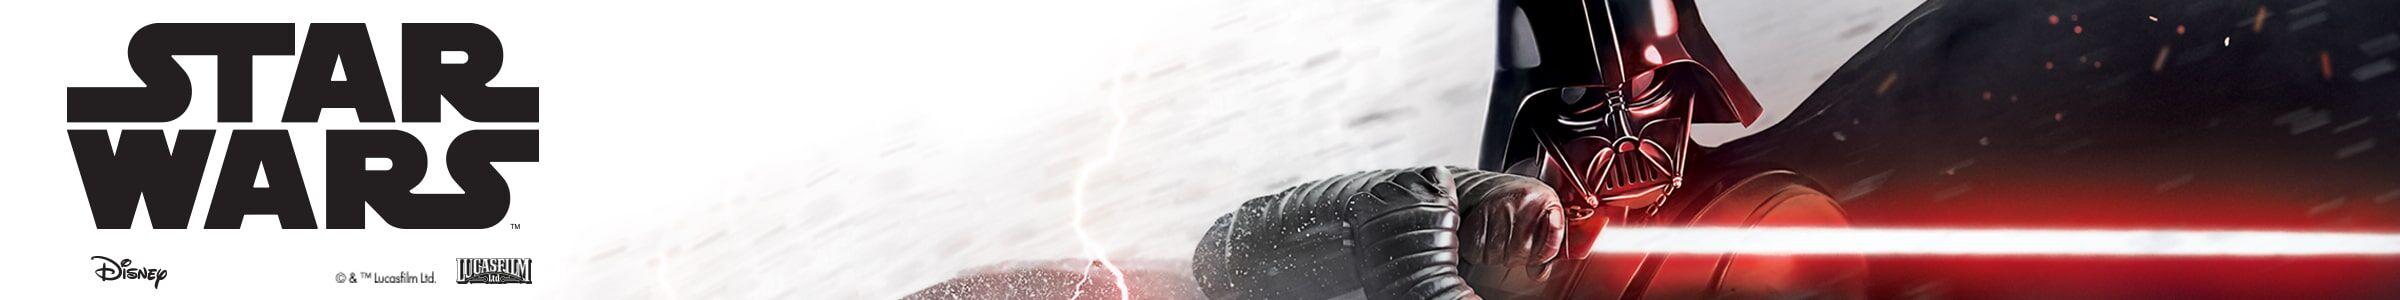 Category_Teaser_Header_Star_Wars_Darth_Vader_2400x300